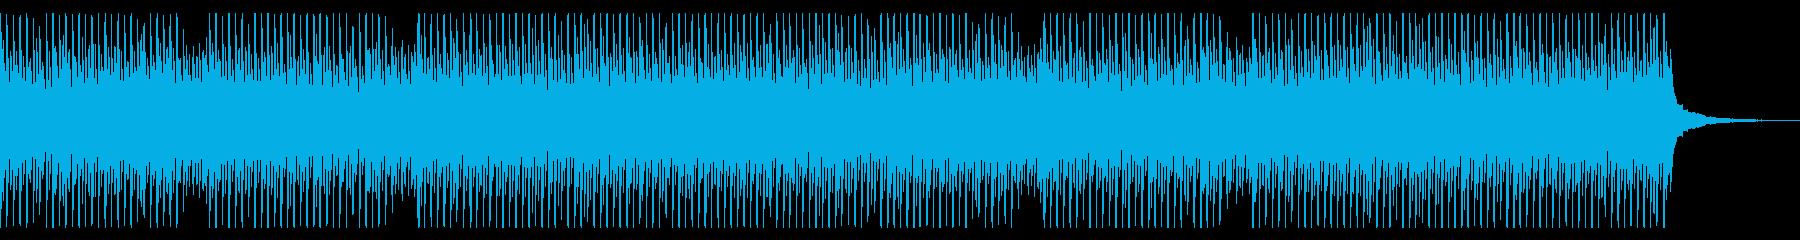 ベース無し 再会 Pf ストリングスの再生済みの波形